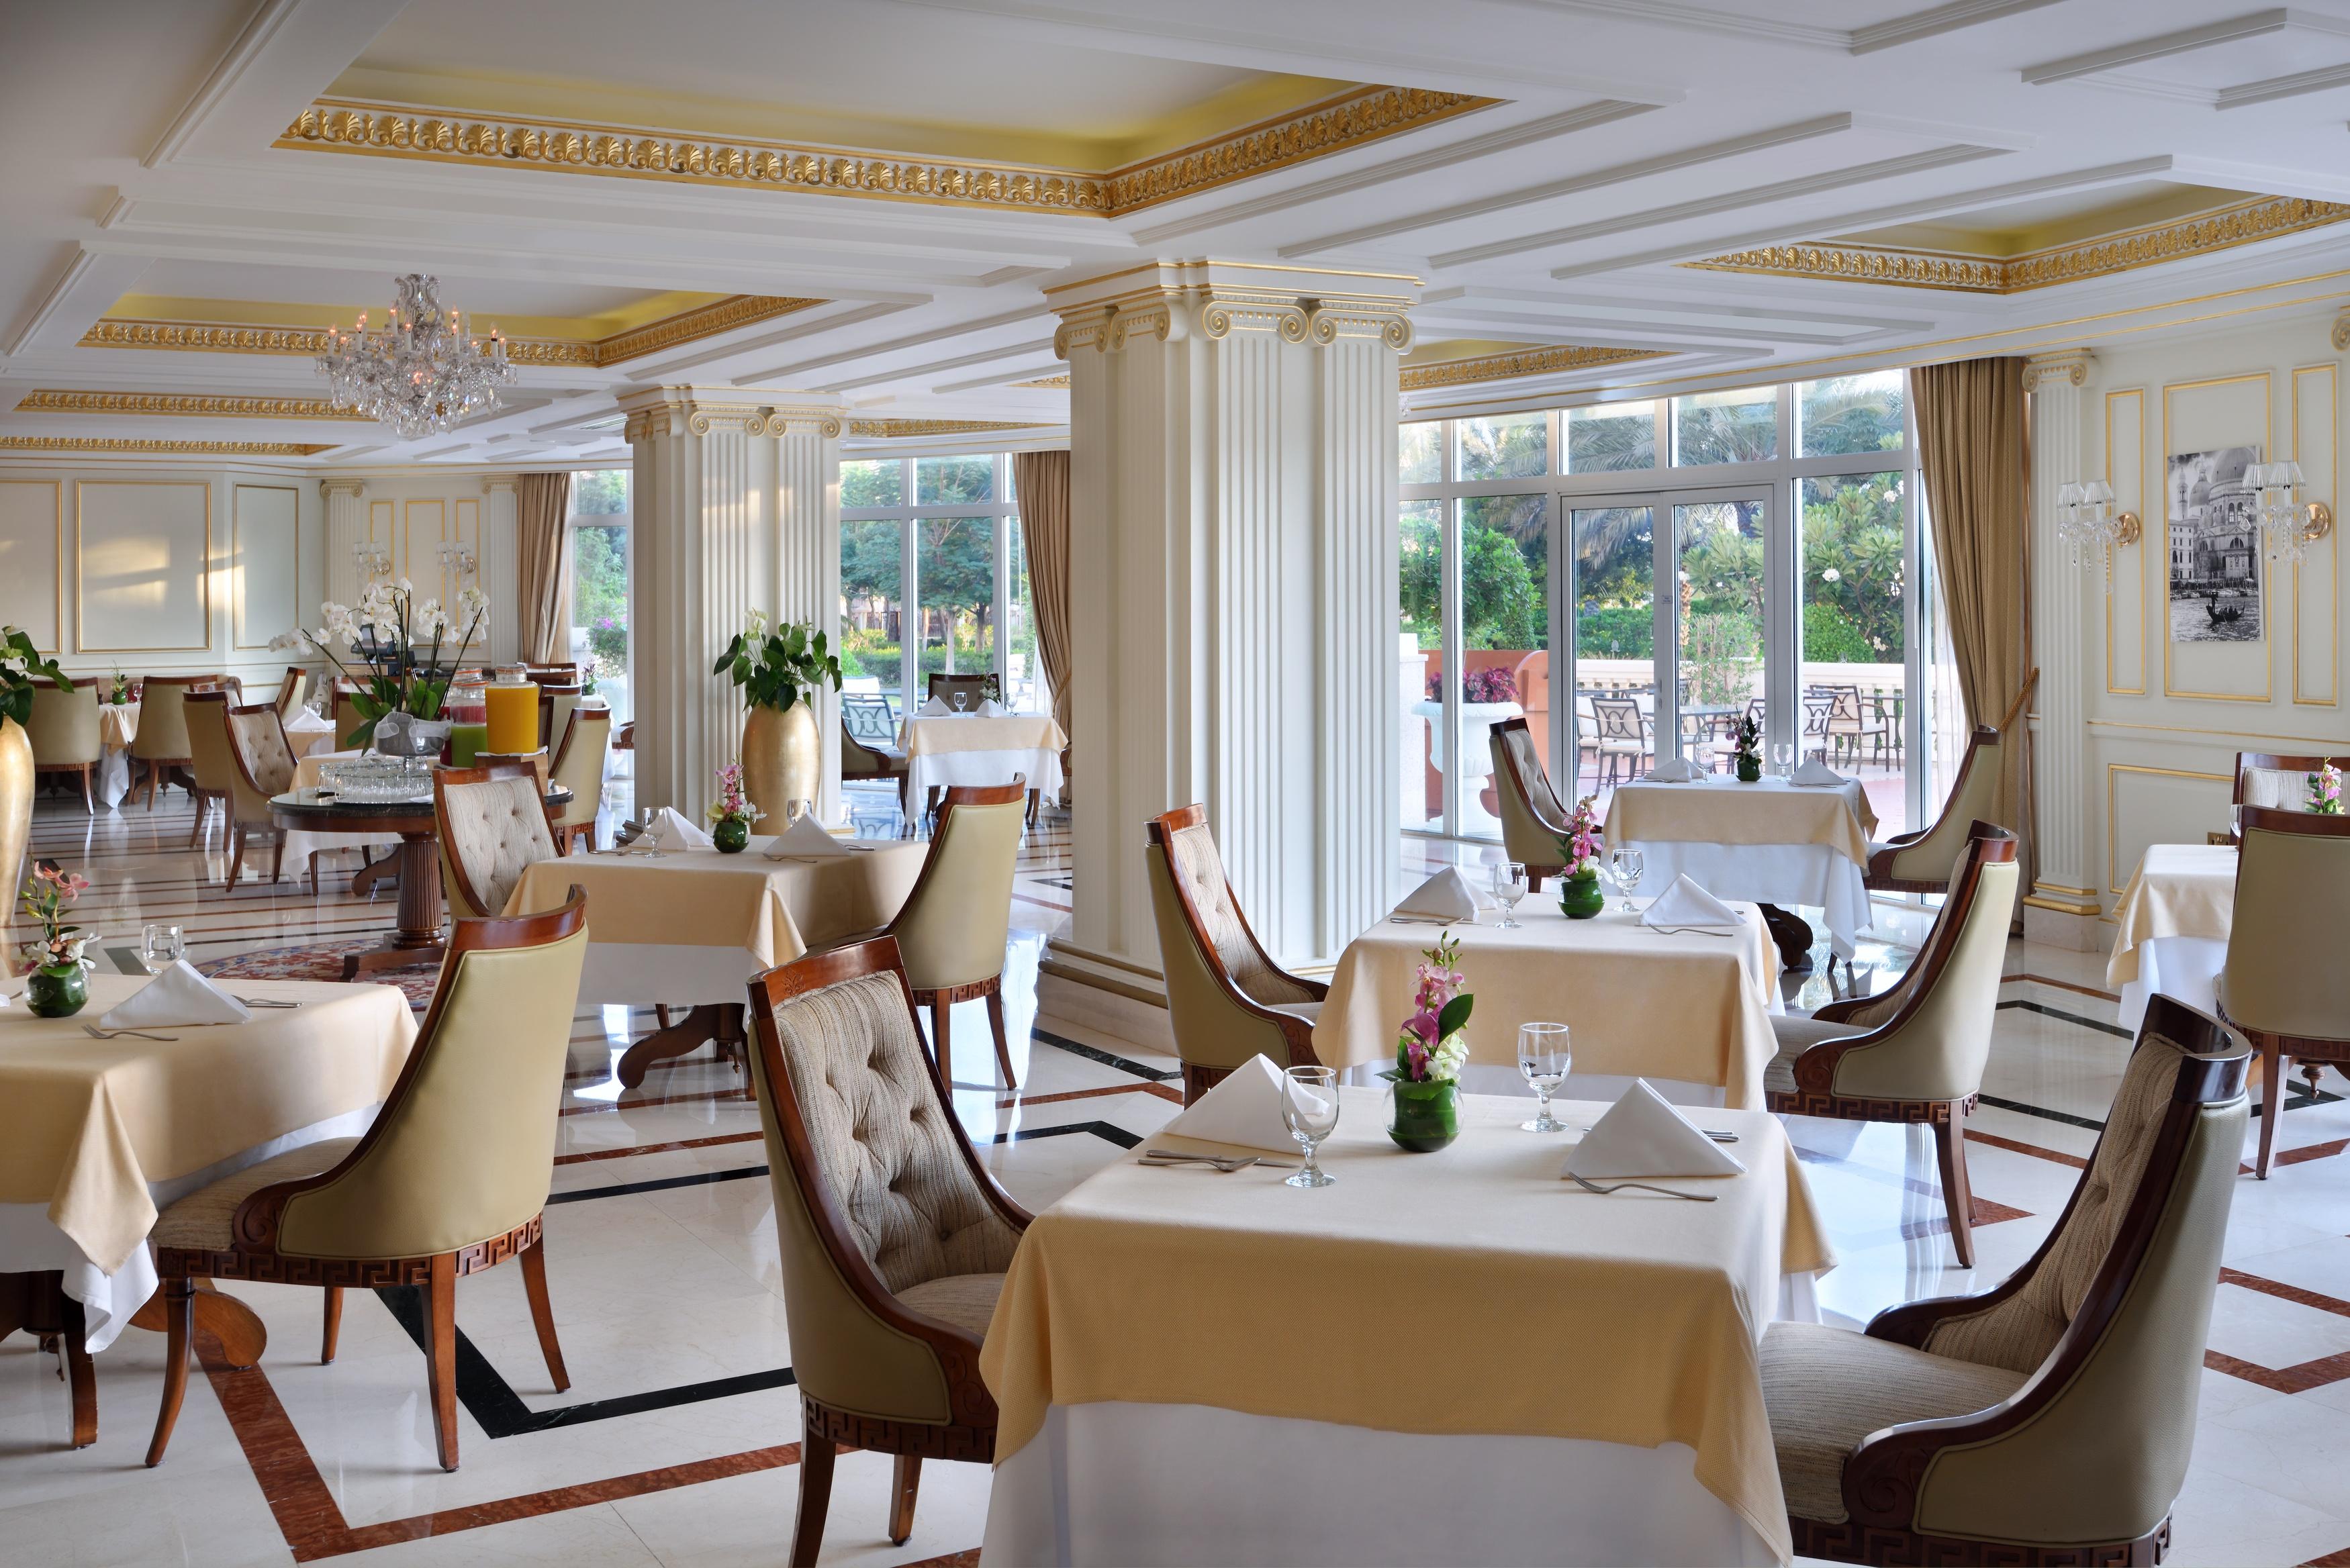 Brunello restaurant at Kempinski Palm